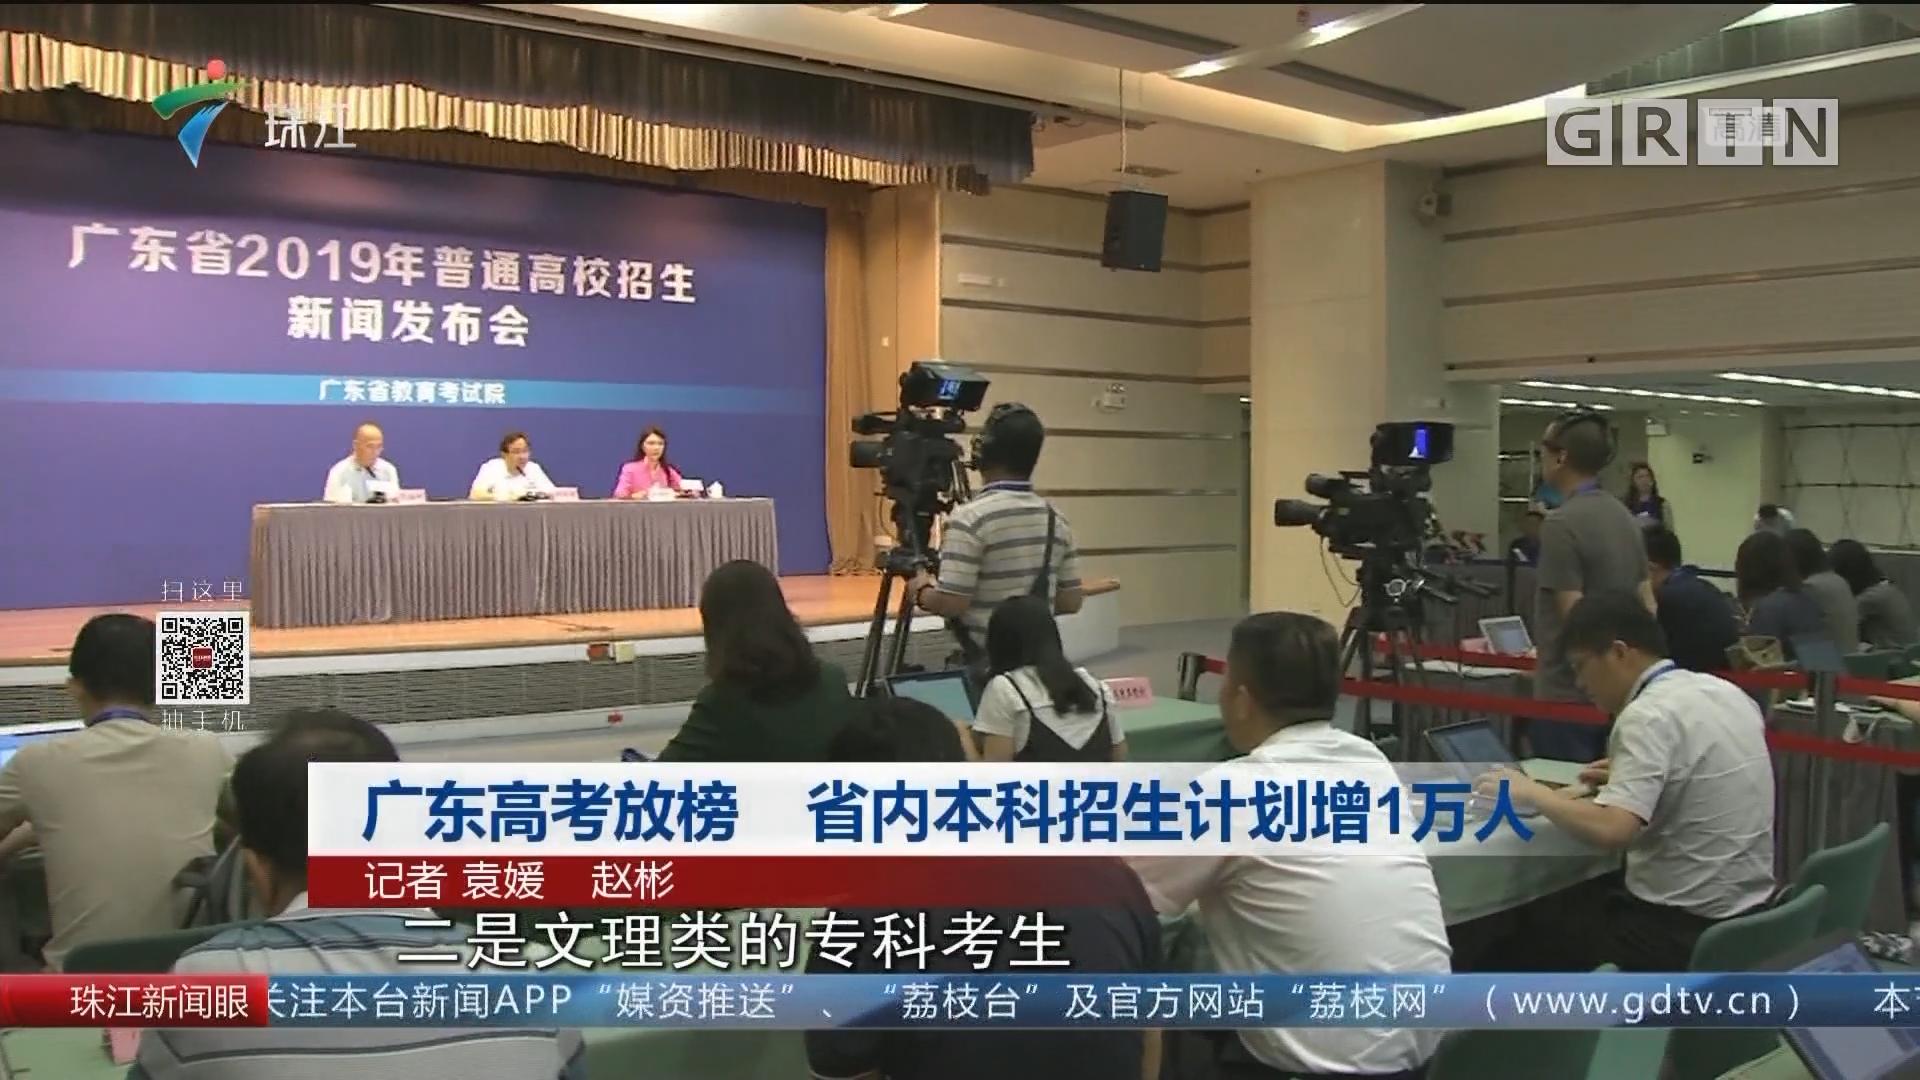 广东高考放榜 省内本科招生计划增1万人